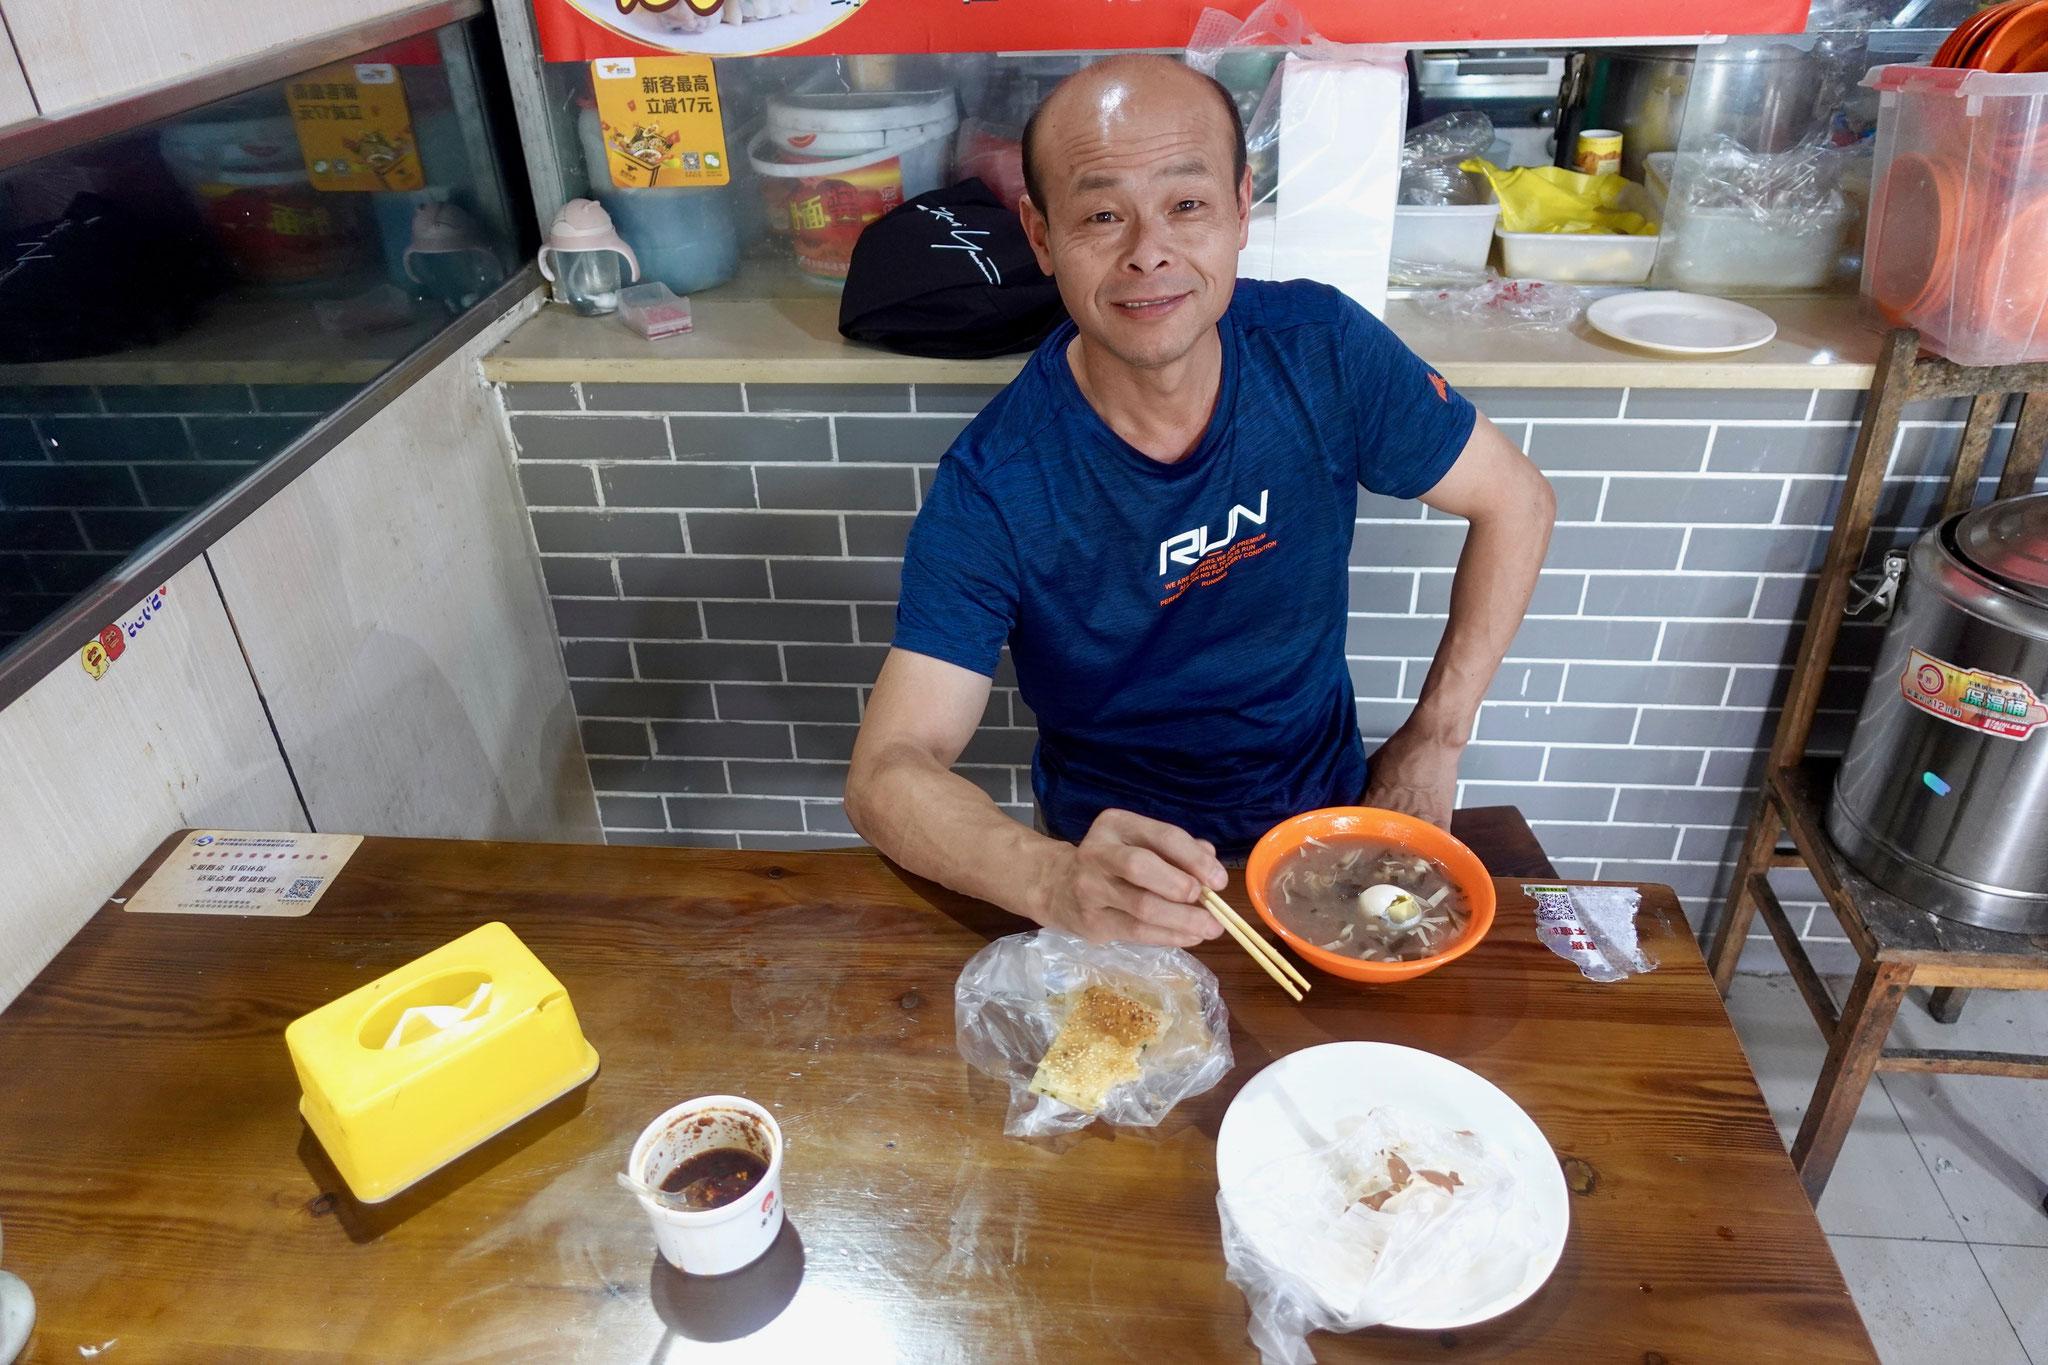 Michael Ching speed dating vanavond dating een onlangs gescheiden man advies